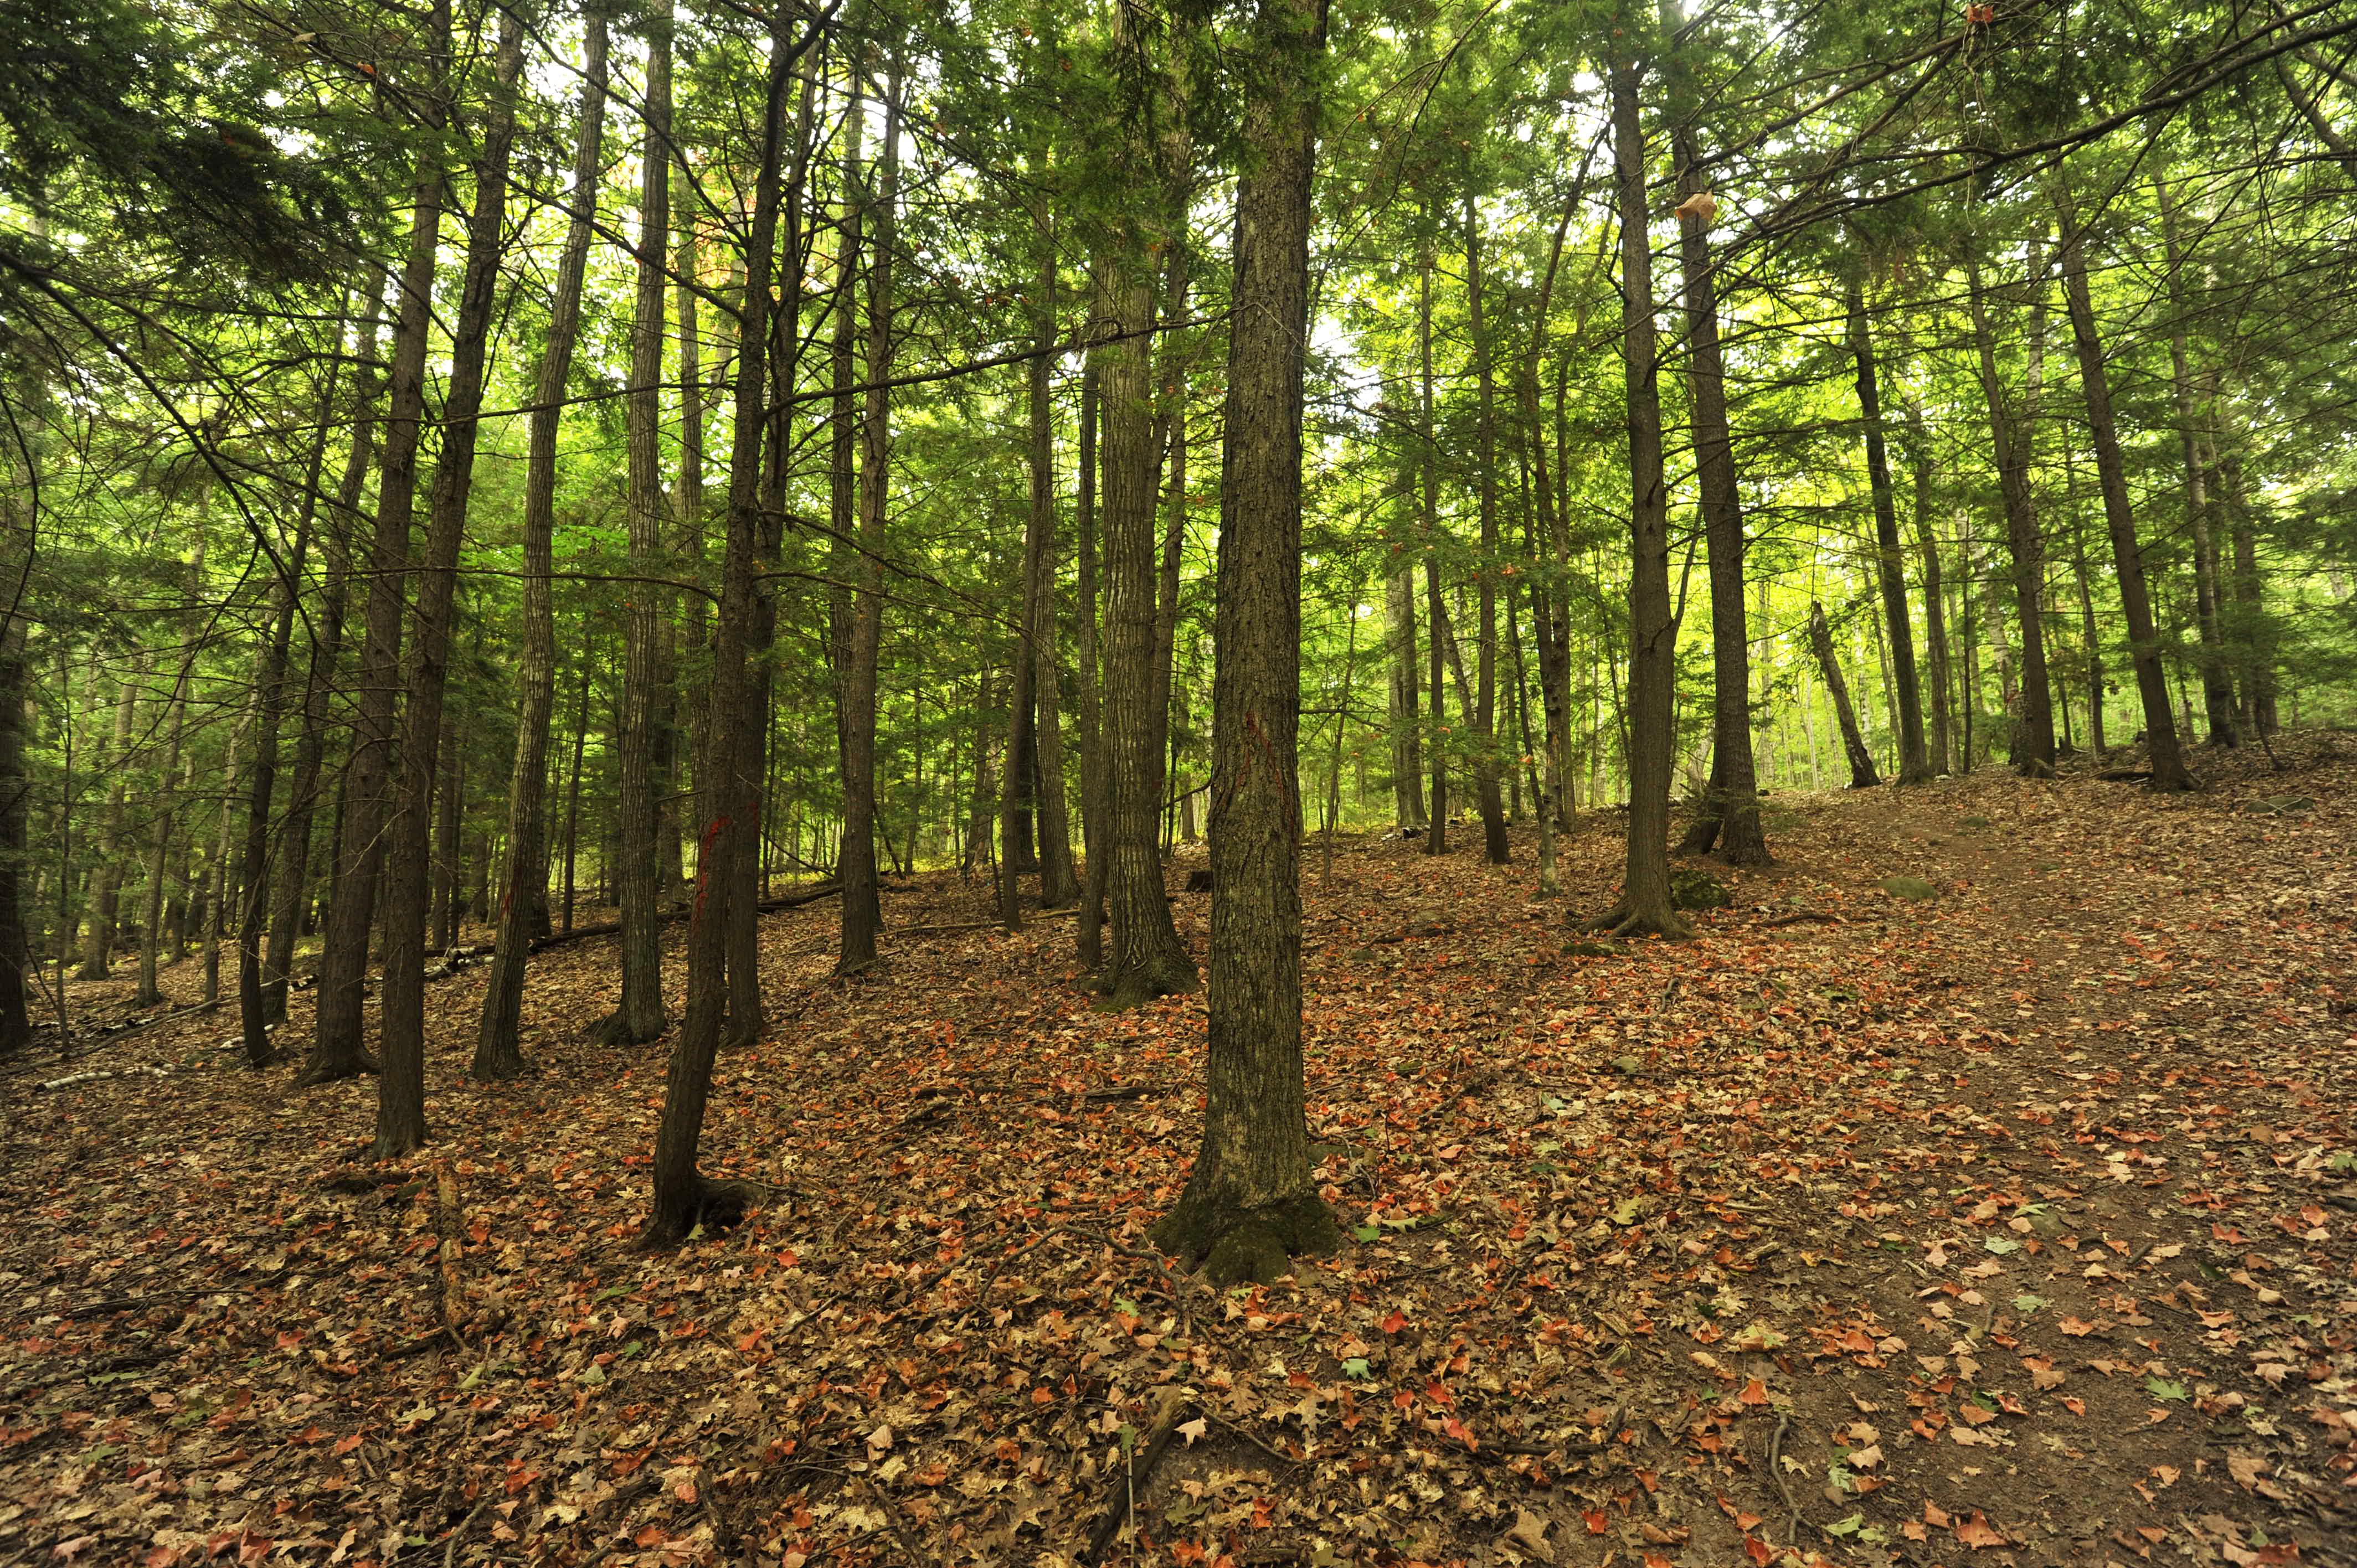 Lautenbach-Woods-by-Zak-LaCrosse-lr_ZLC3007adj